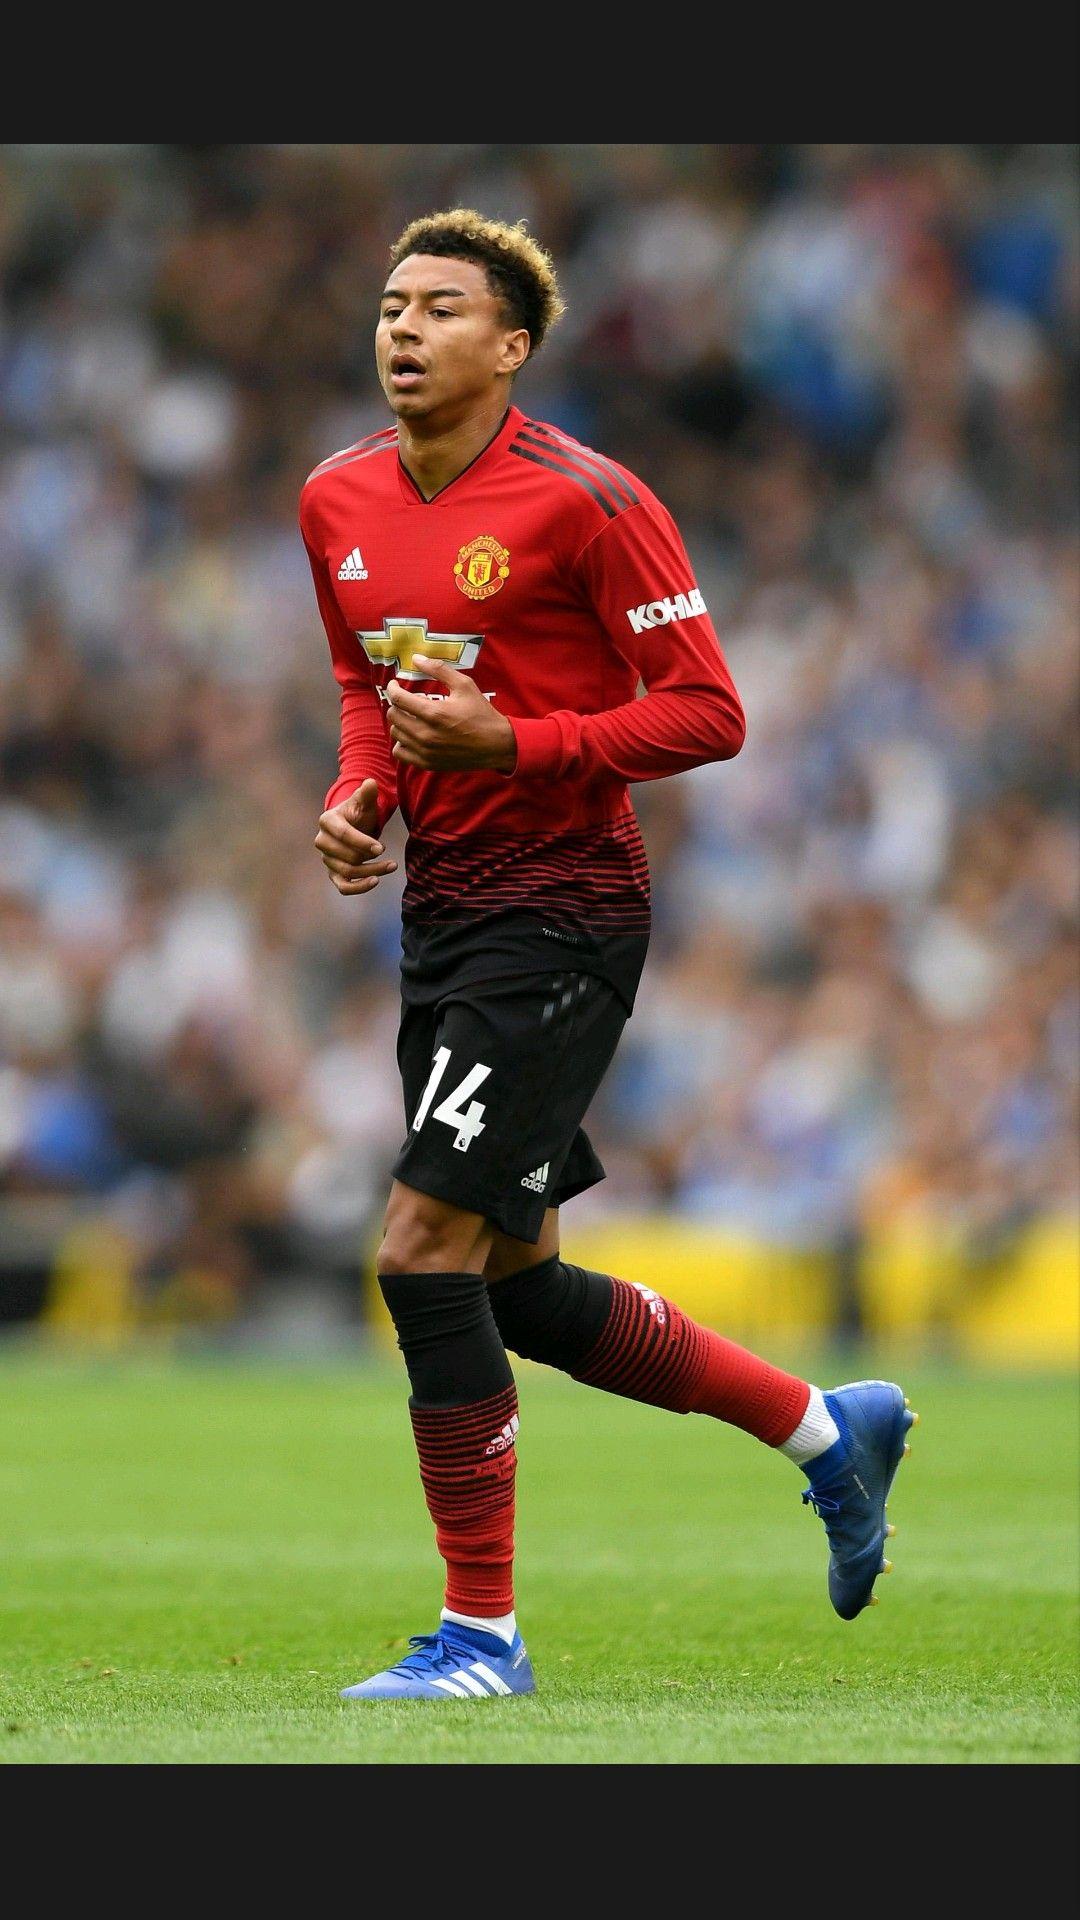 fdacb08a9 Manchester United Premier League